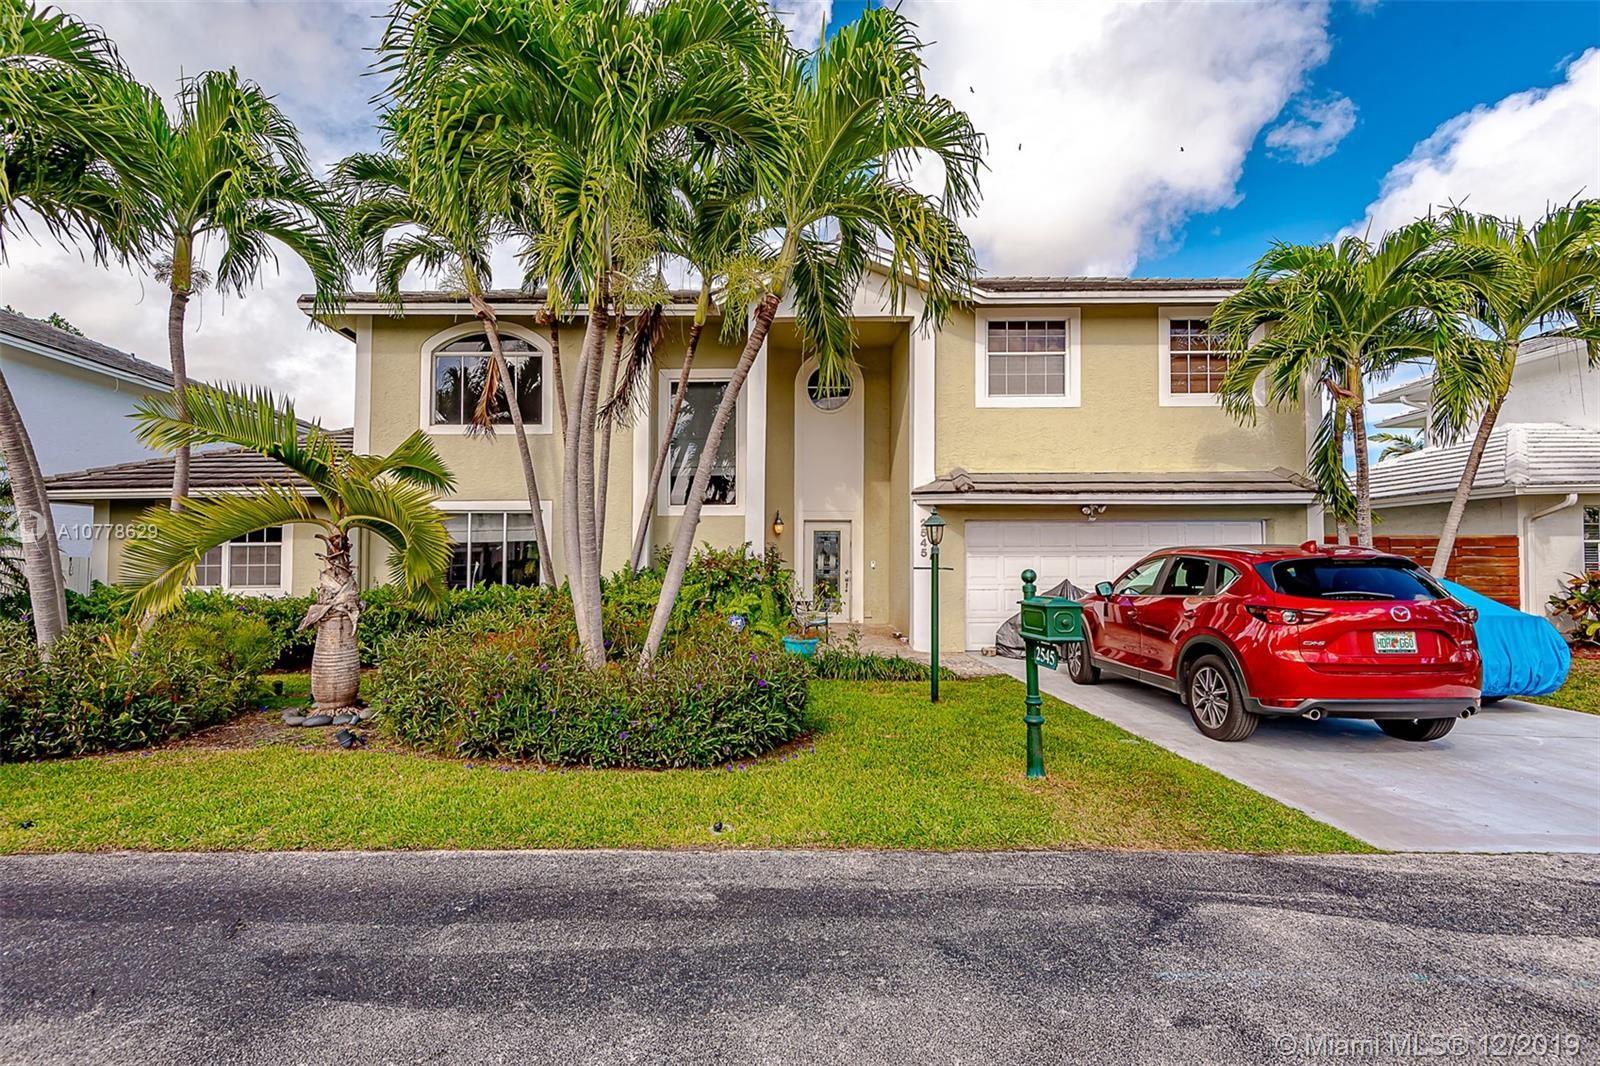 2545 NE 206th Ln, Miami, FL 33180 - #: A10778629